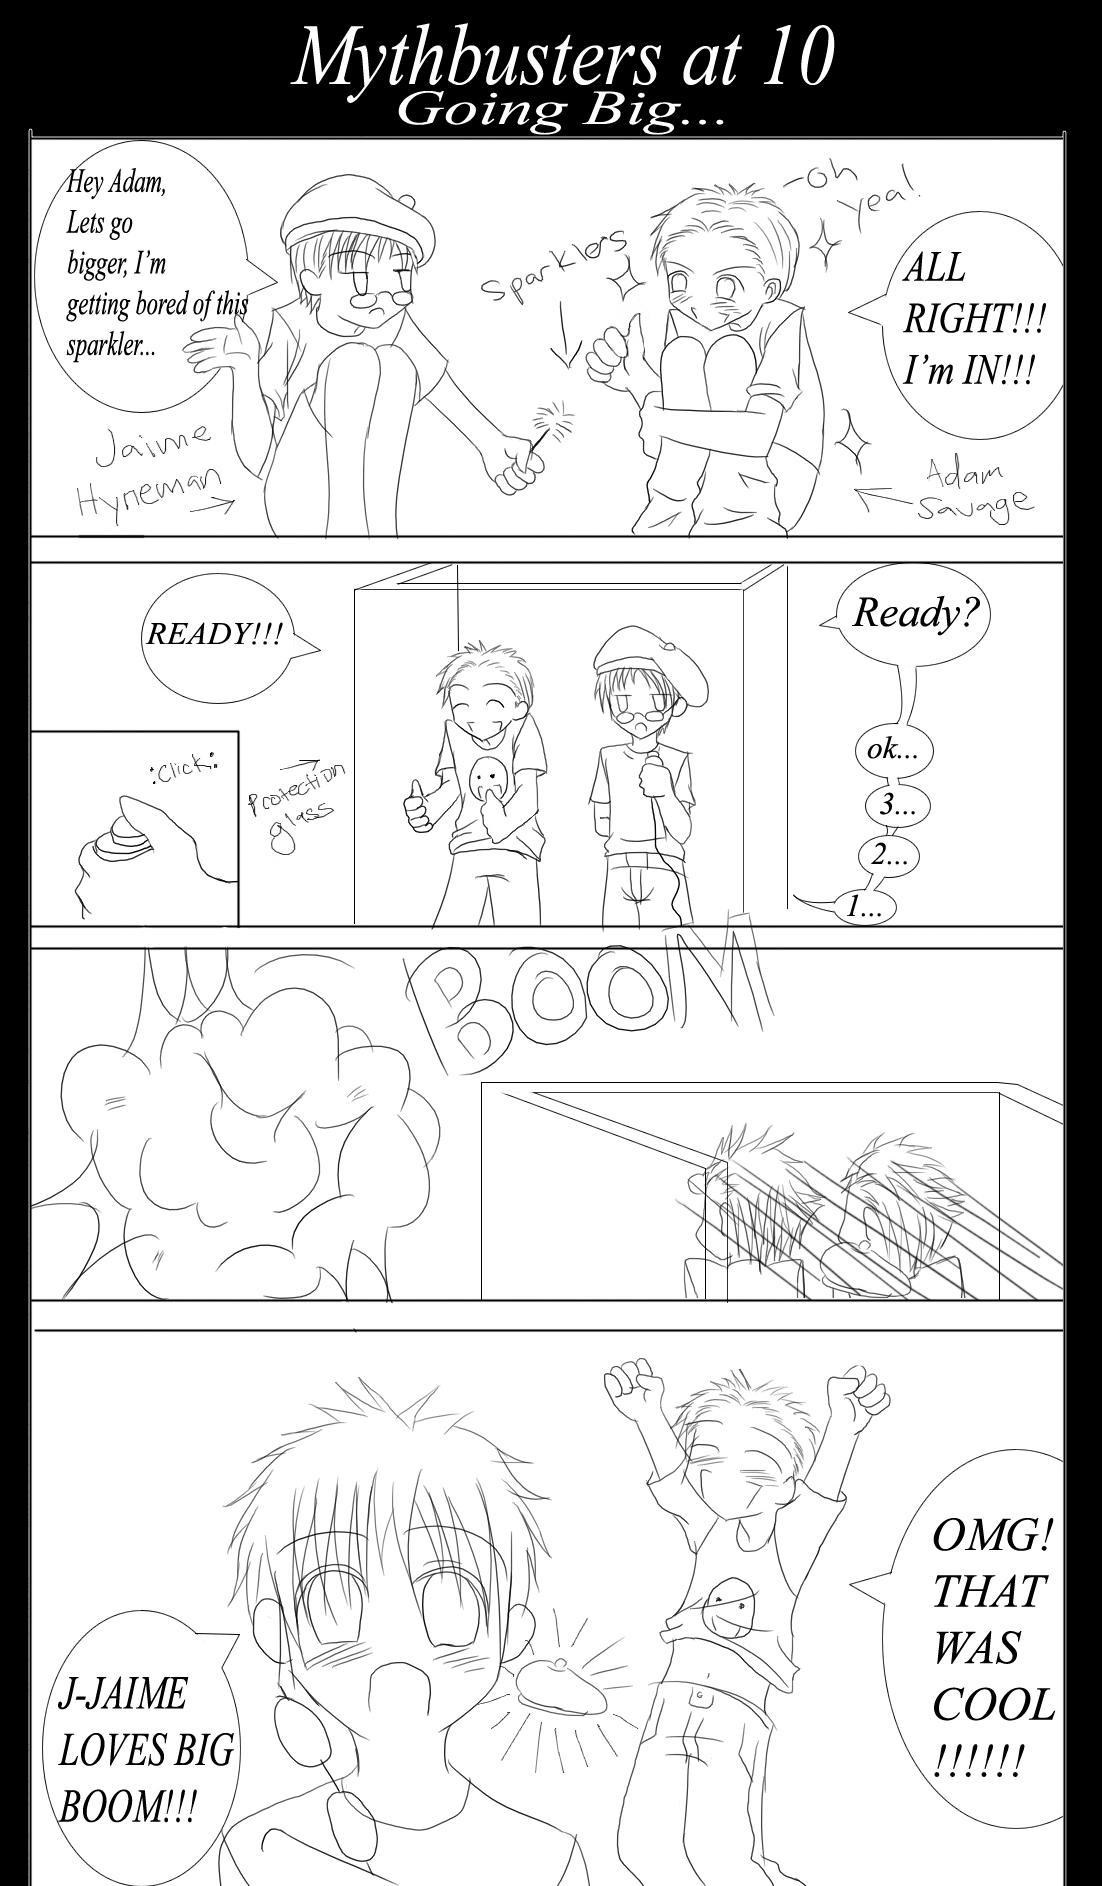 Mythbusters at 10 by ShinobiRikku